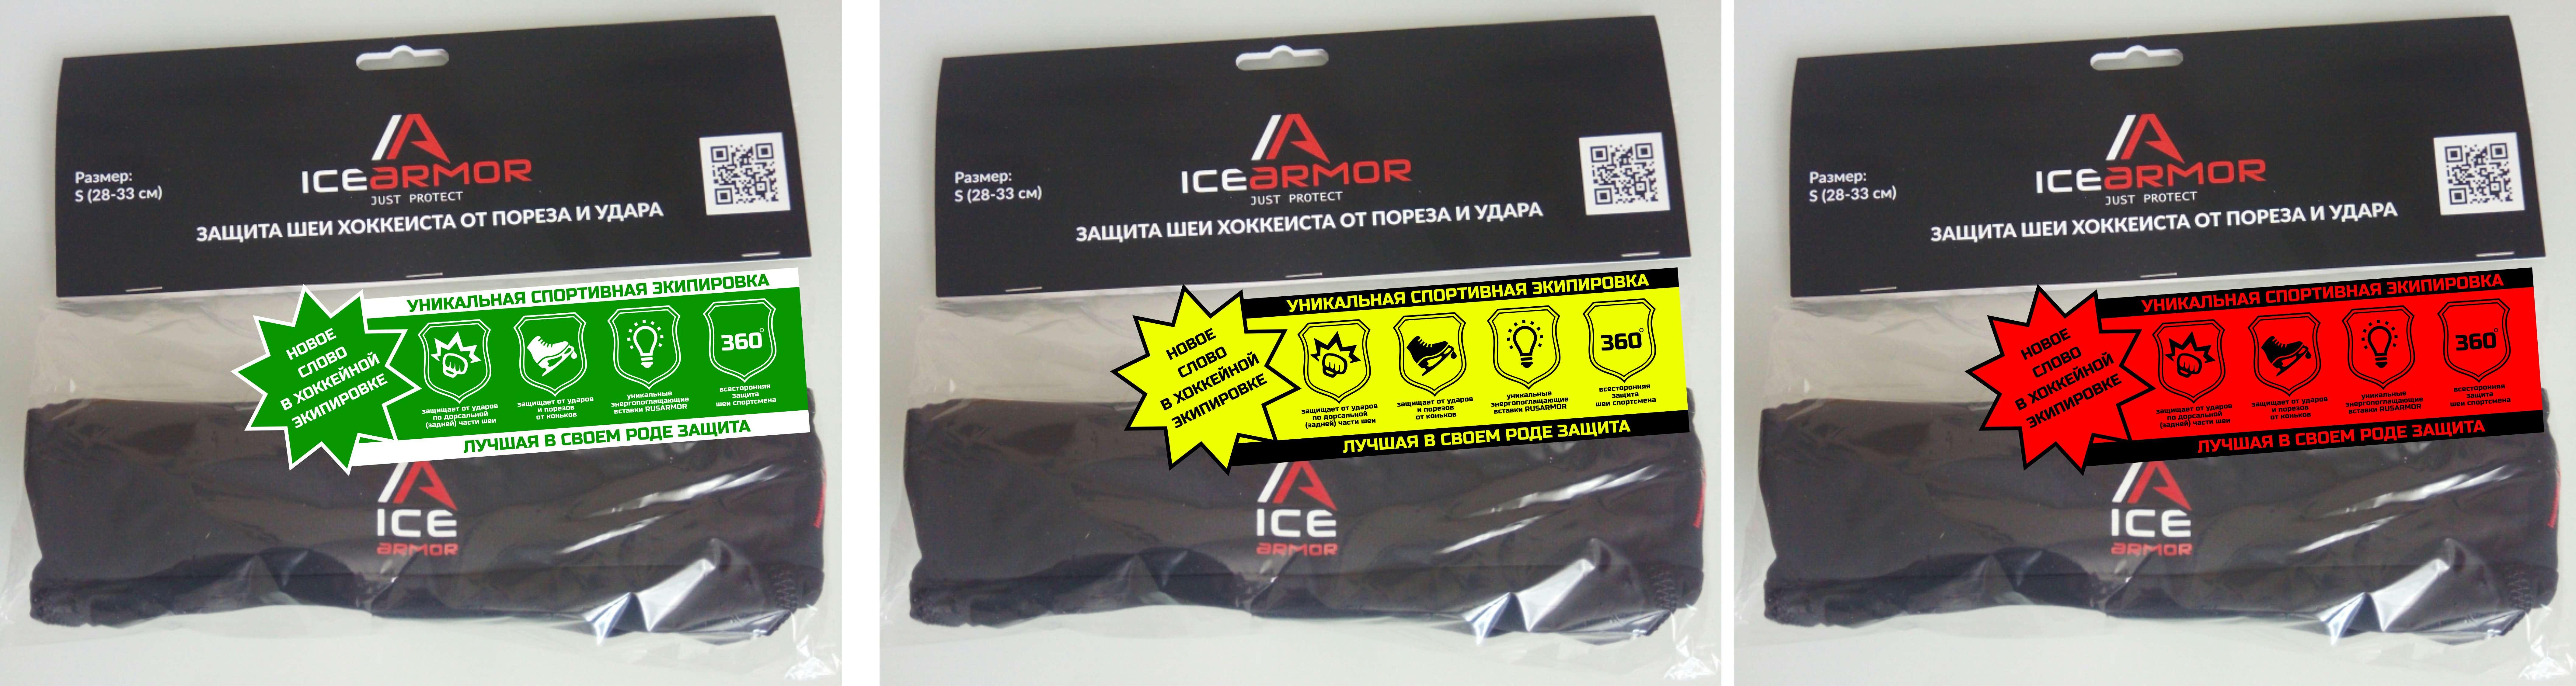 Дизайн продающей наклейки на упаковку уникального продукта фото f_4055b2035ce613b7.jpg